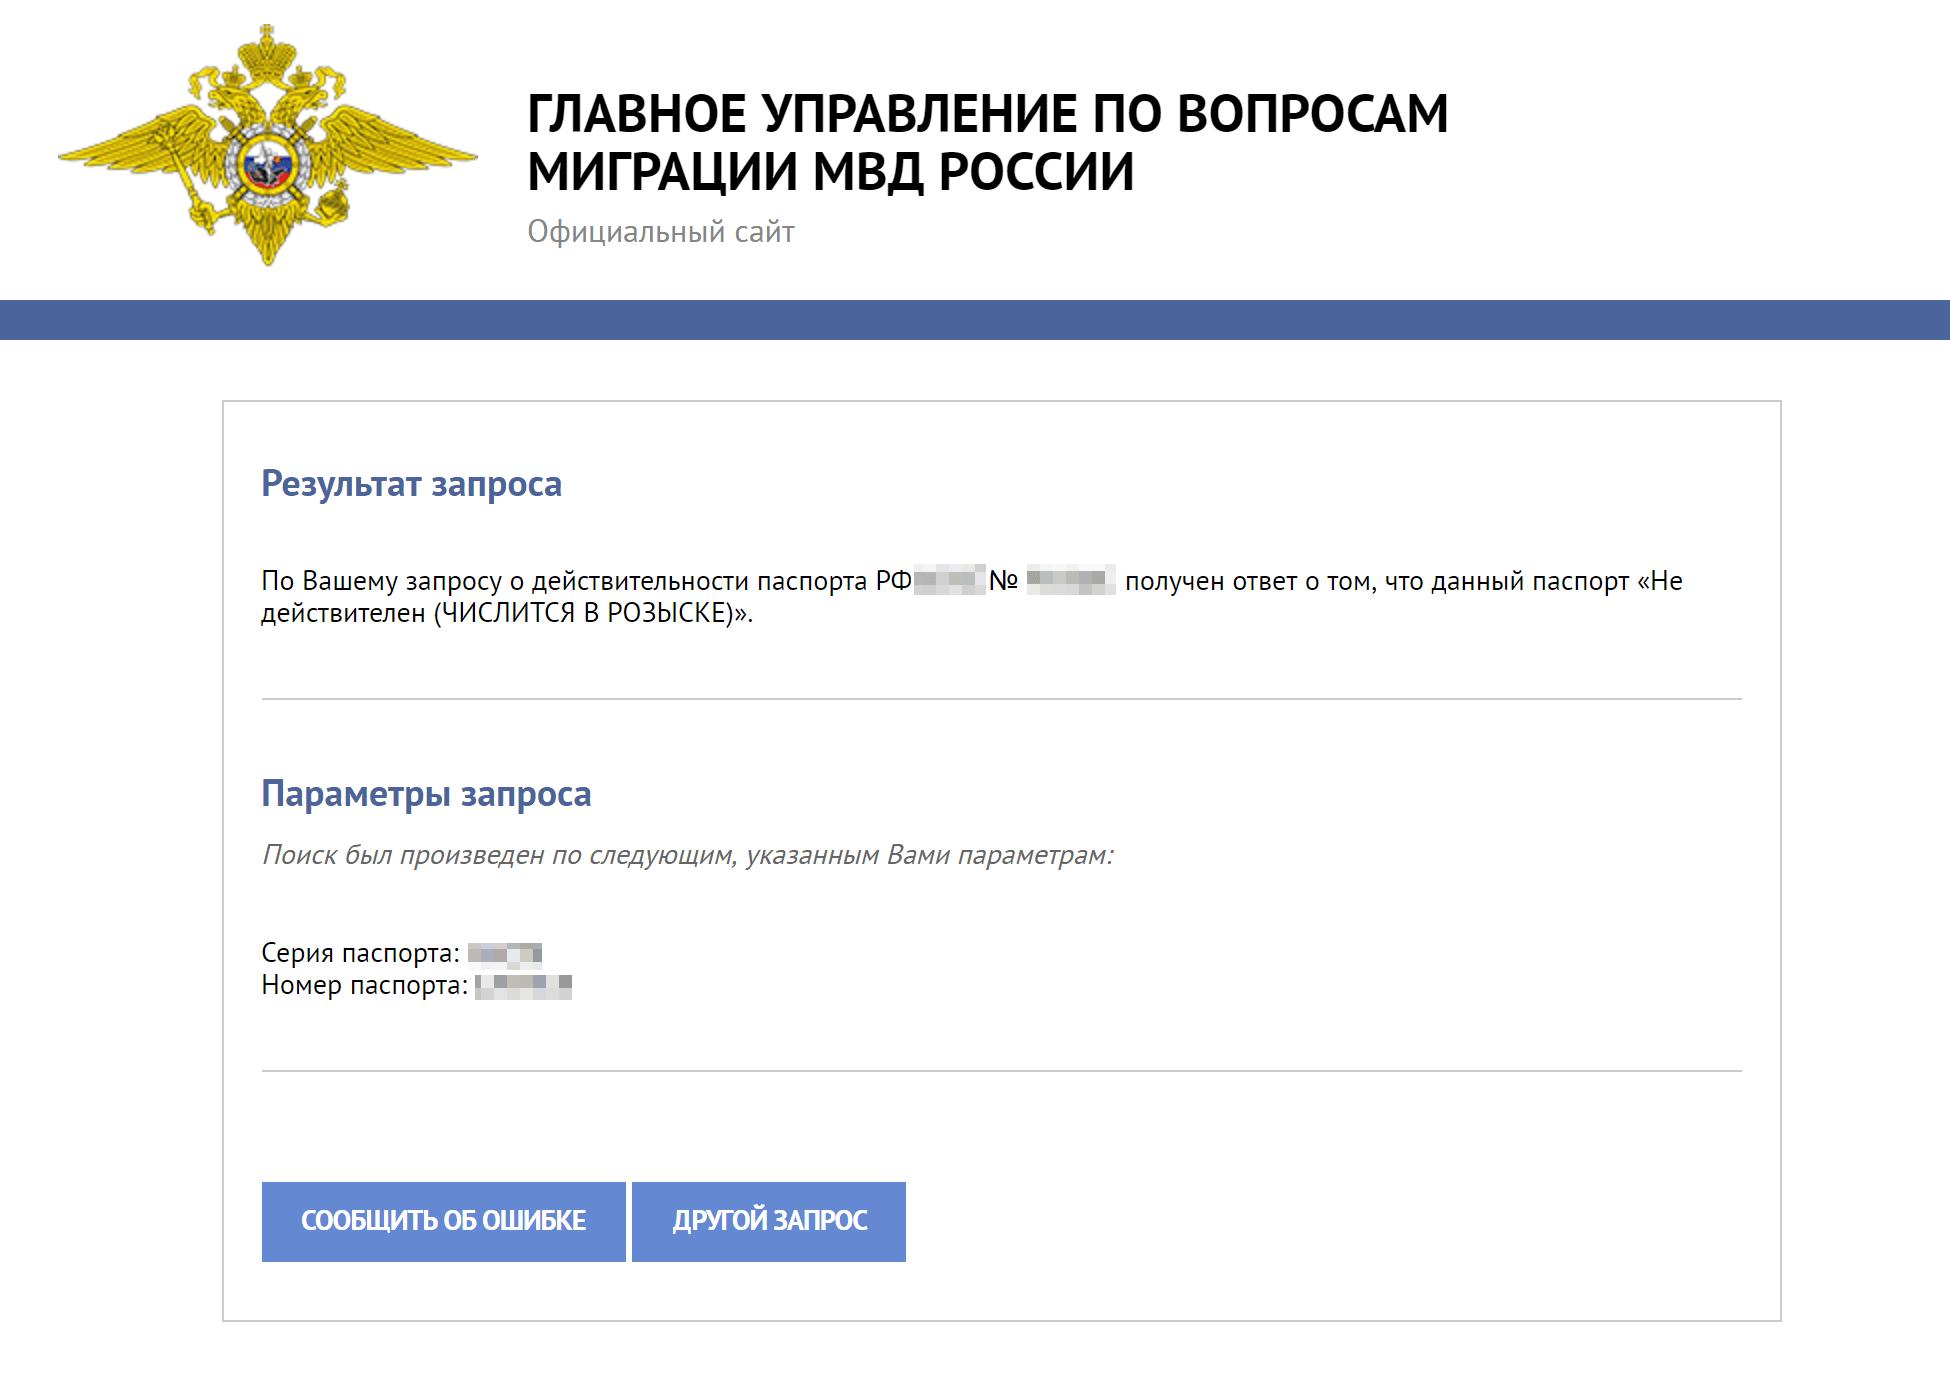 Где можно узнавт о действительности паспорта в москве